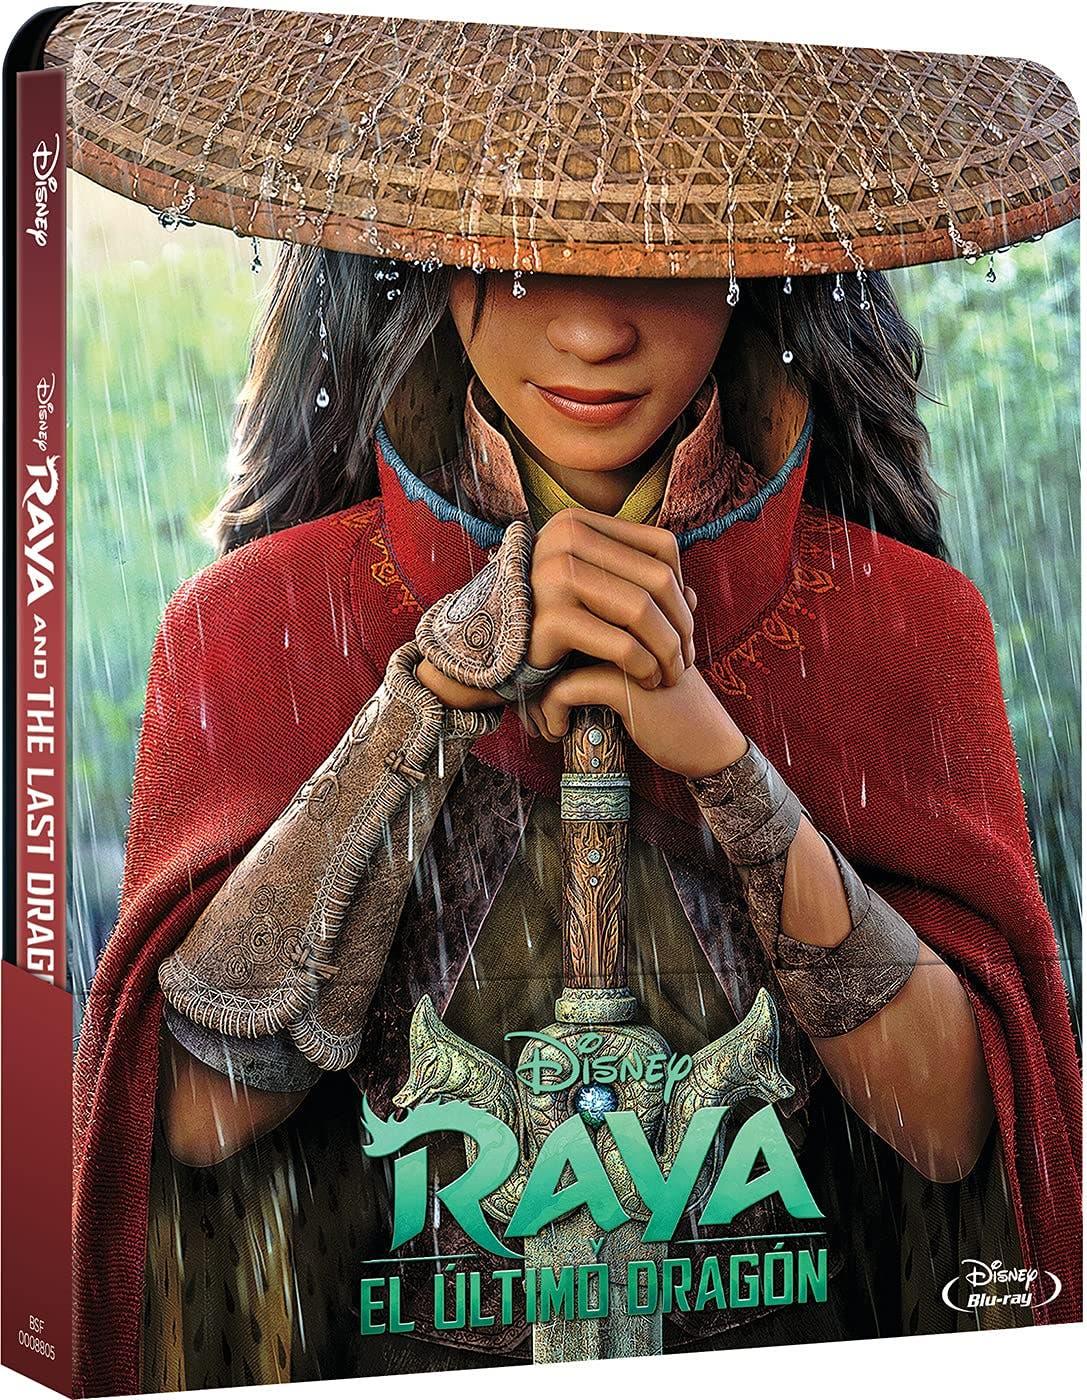 Raya y el último dragón - Edición Steelbook [Blu-ray] Edición coleccionista